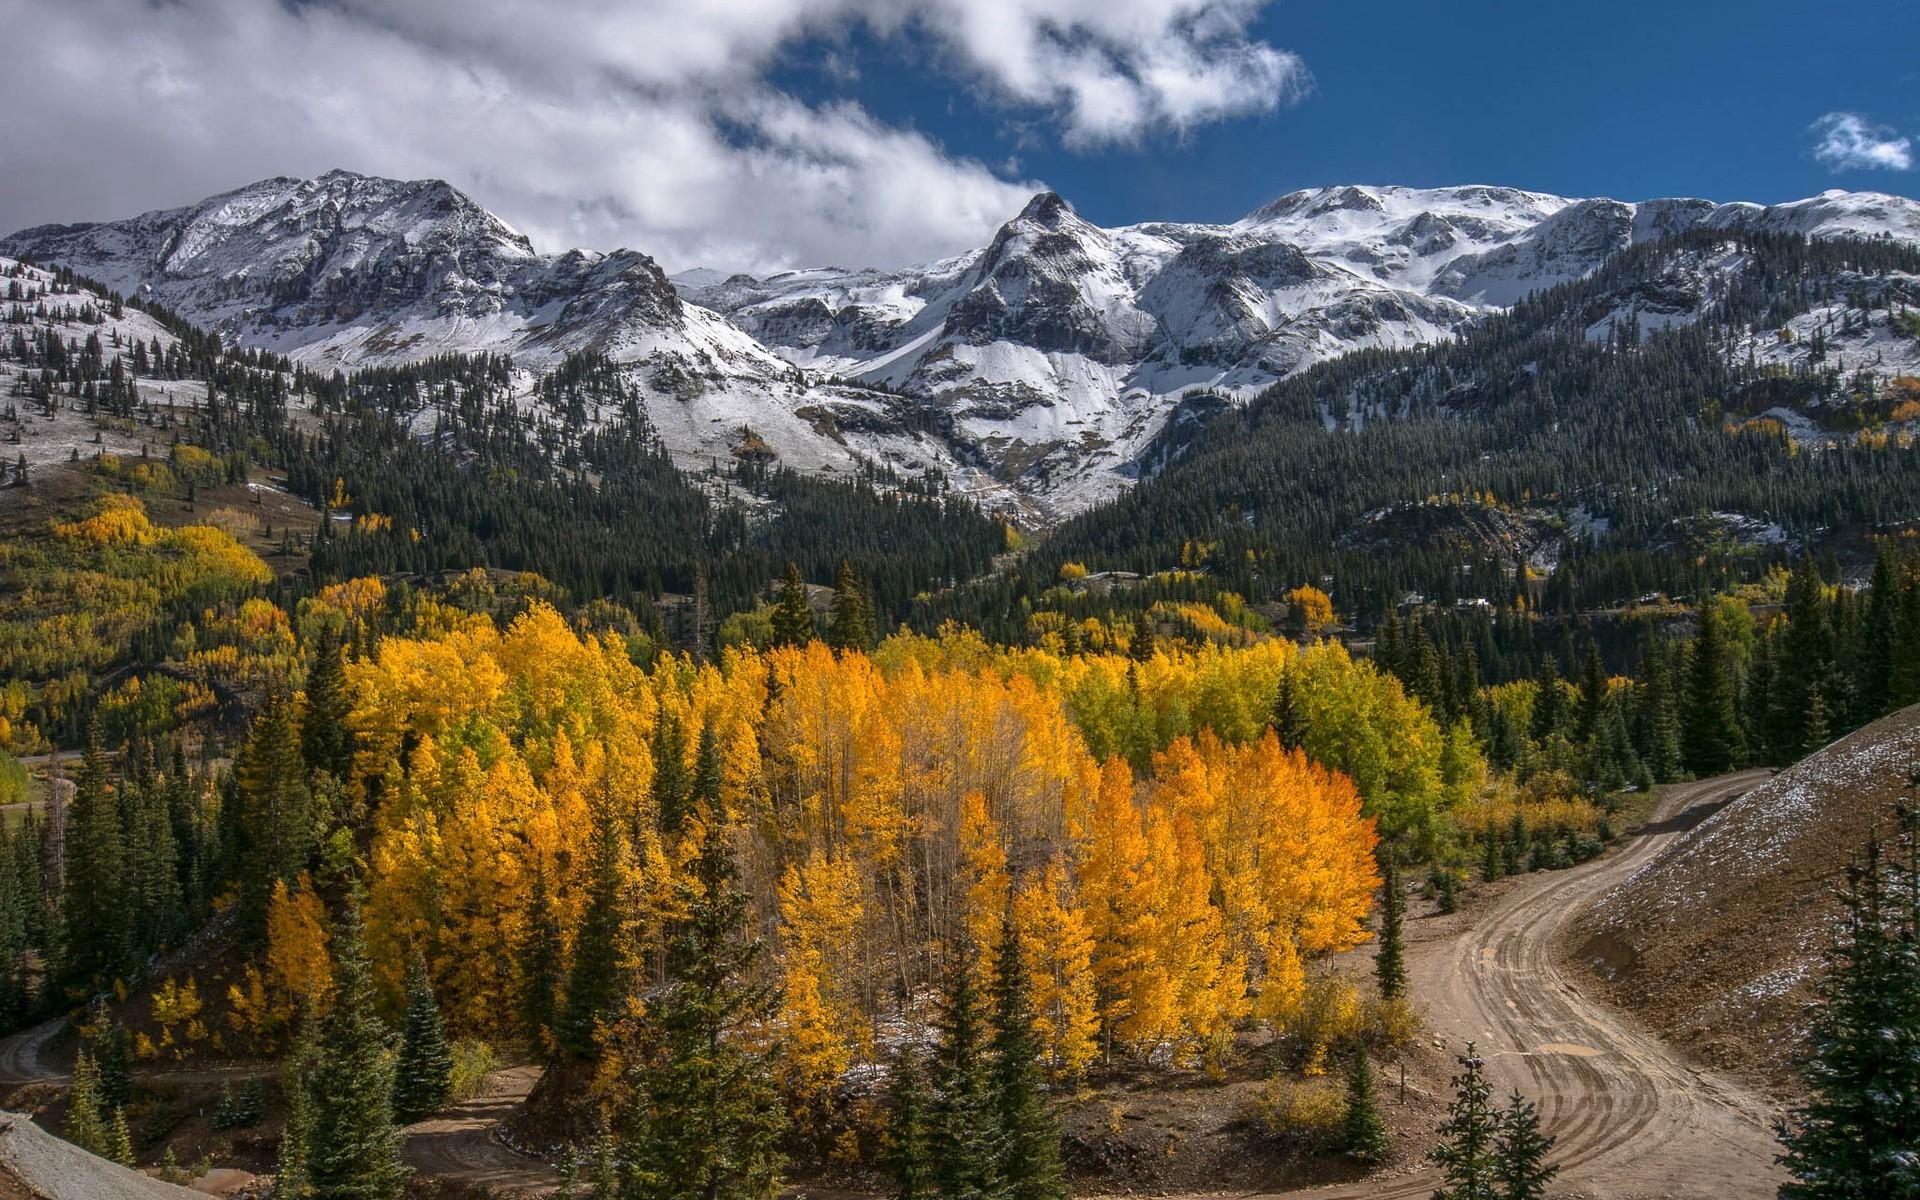 фото картинки природа в горах осень роль